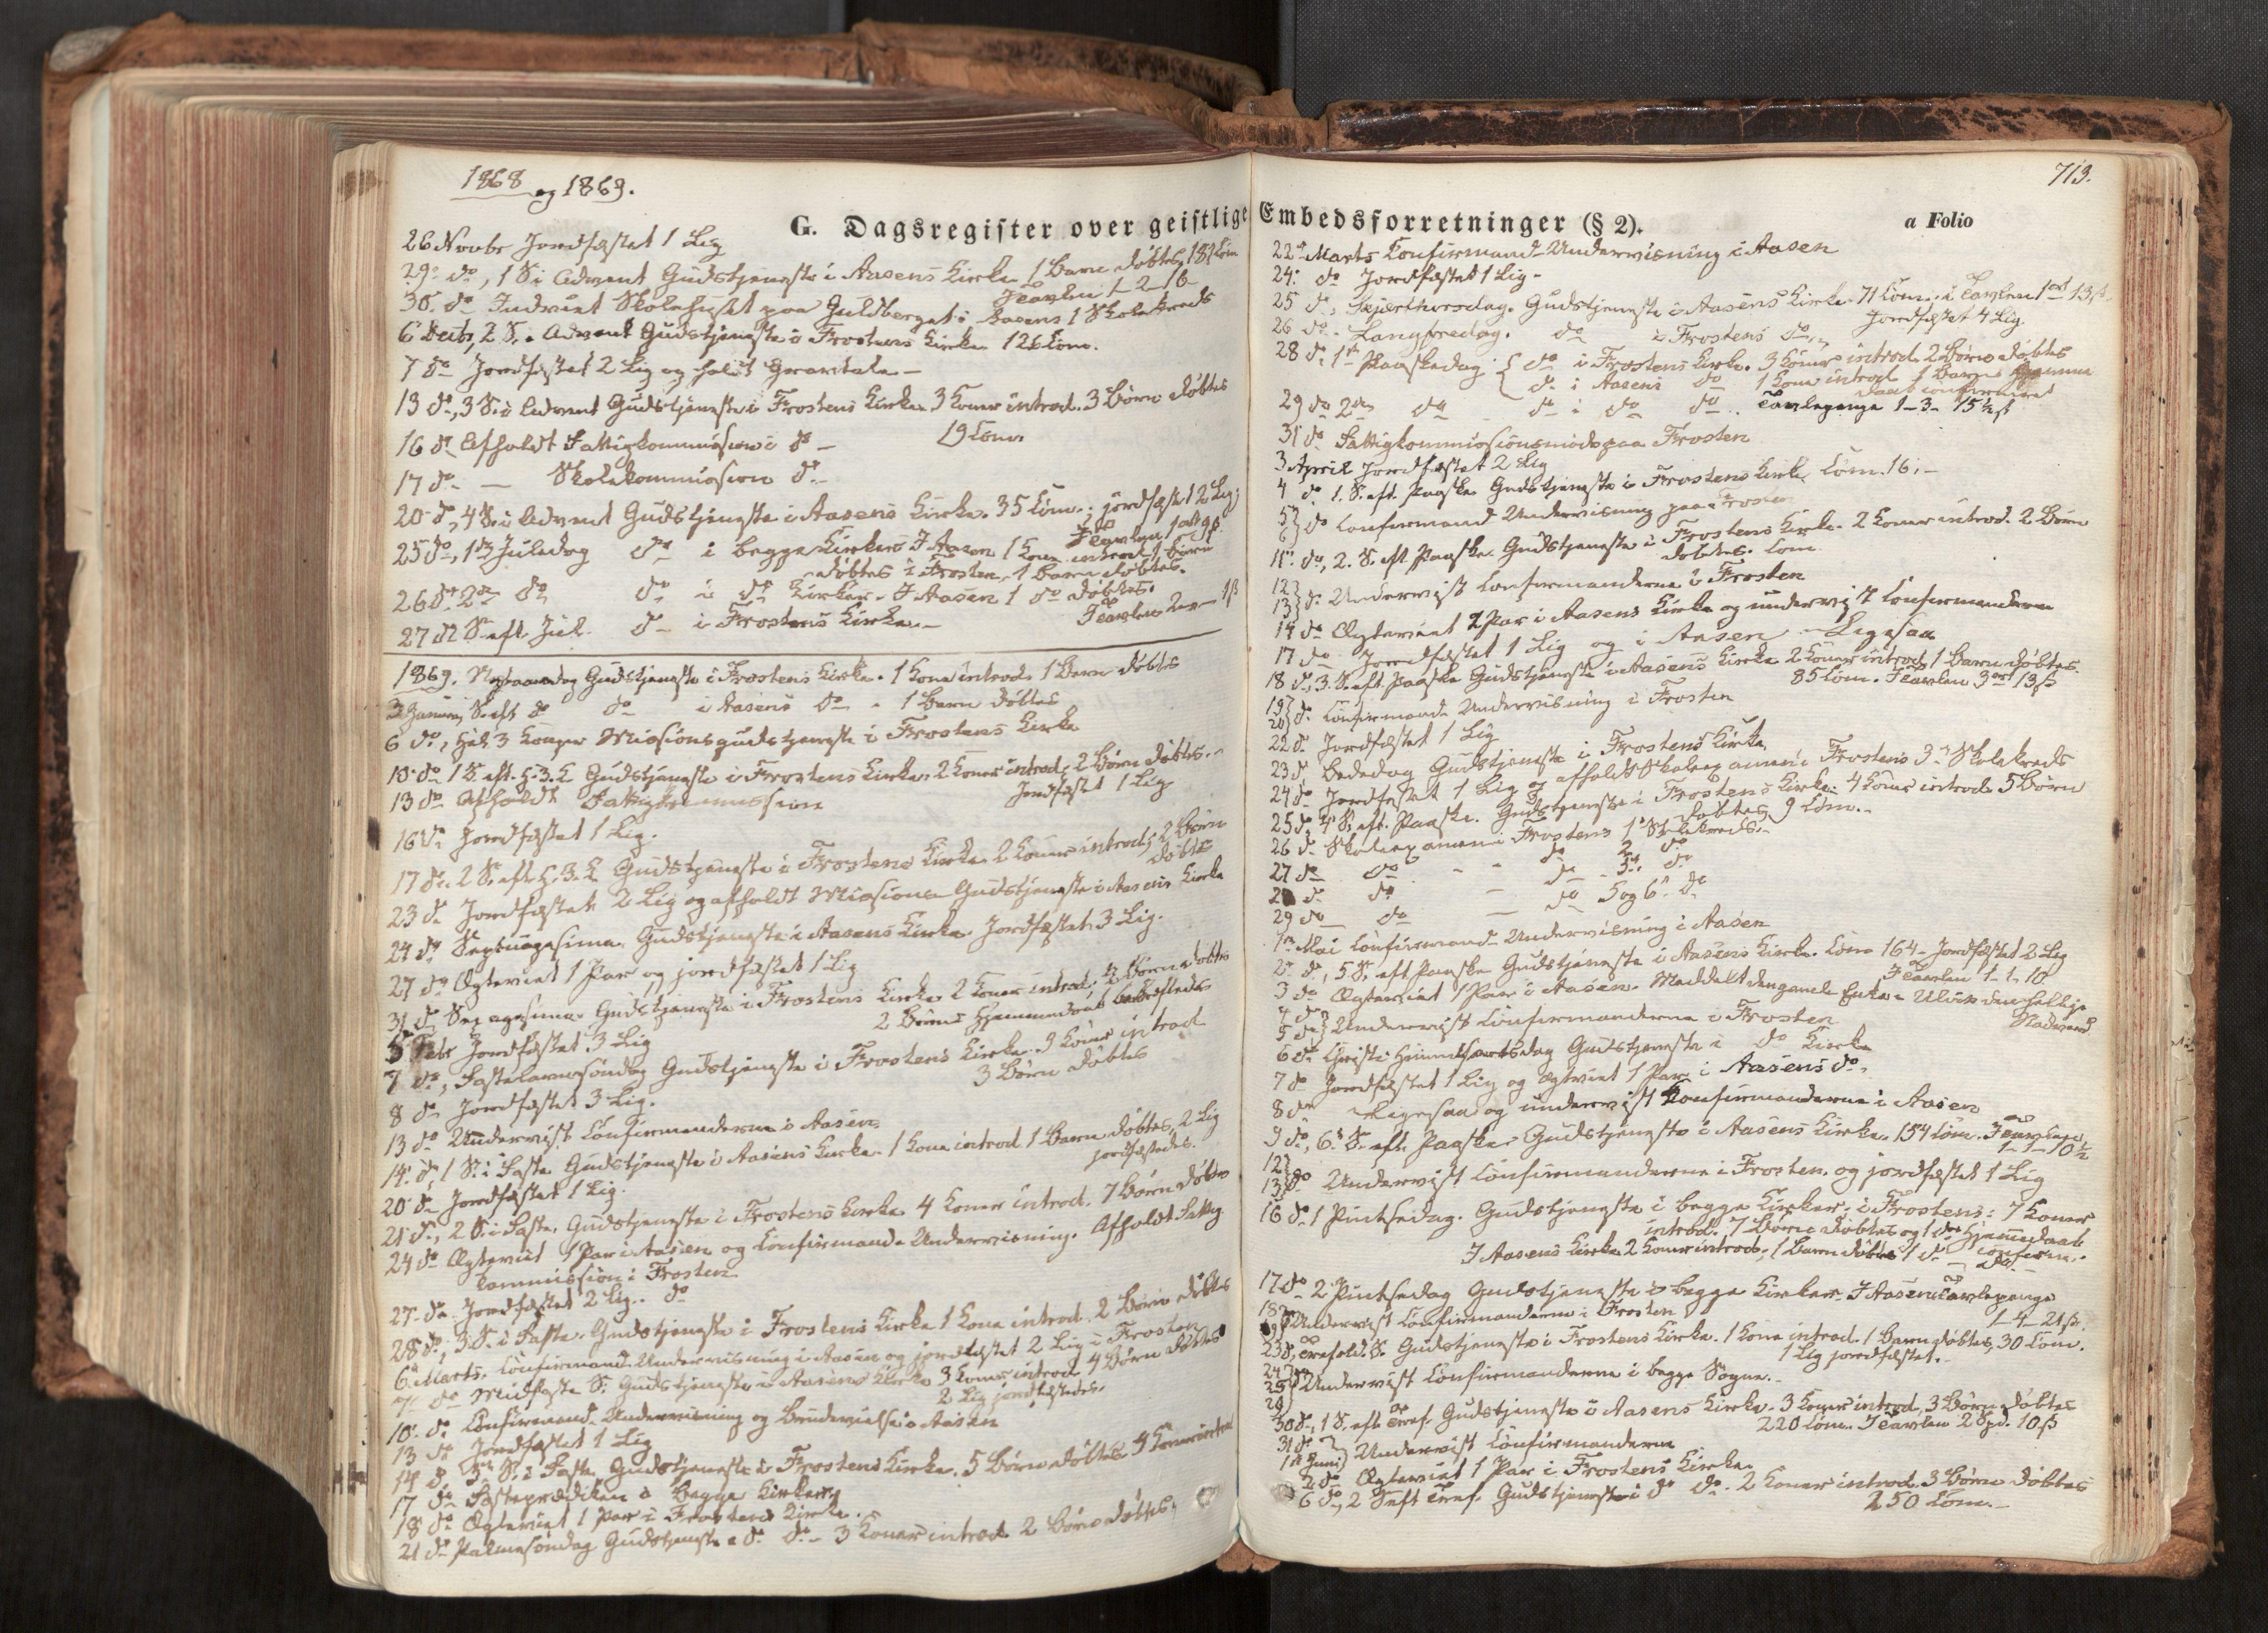 SAT, Ministerialprotokoller, klokkerbøker og fødselsregistre - Nord-Trøndelag, 713/L0116: Ministerialbok nr. 713A07, 1850-1877, s. 713